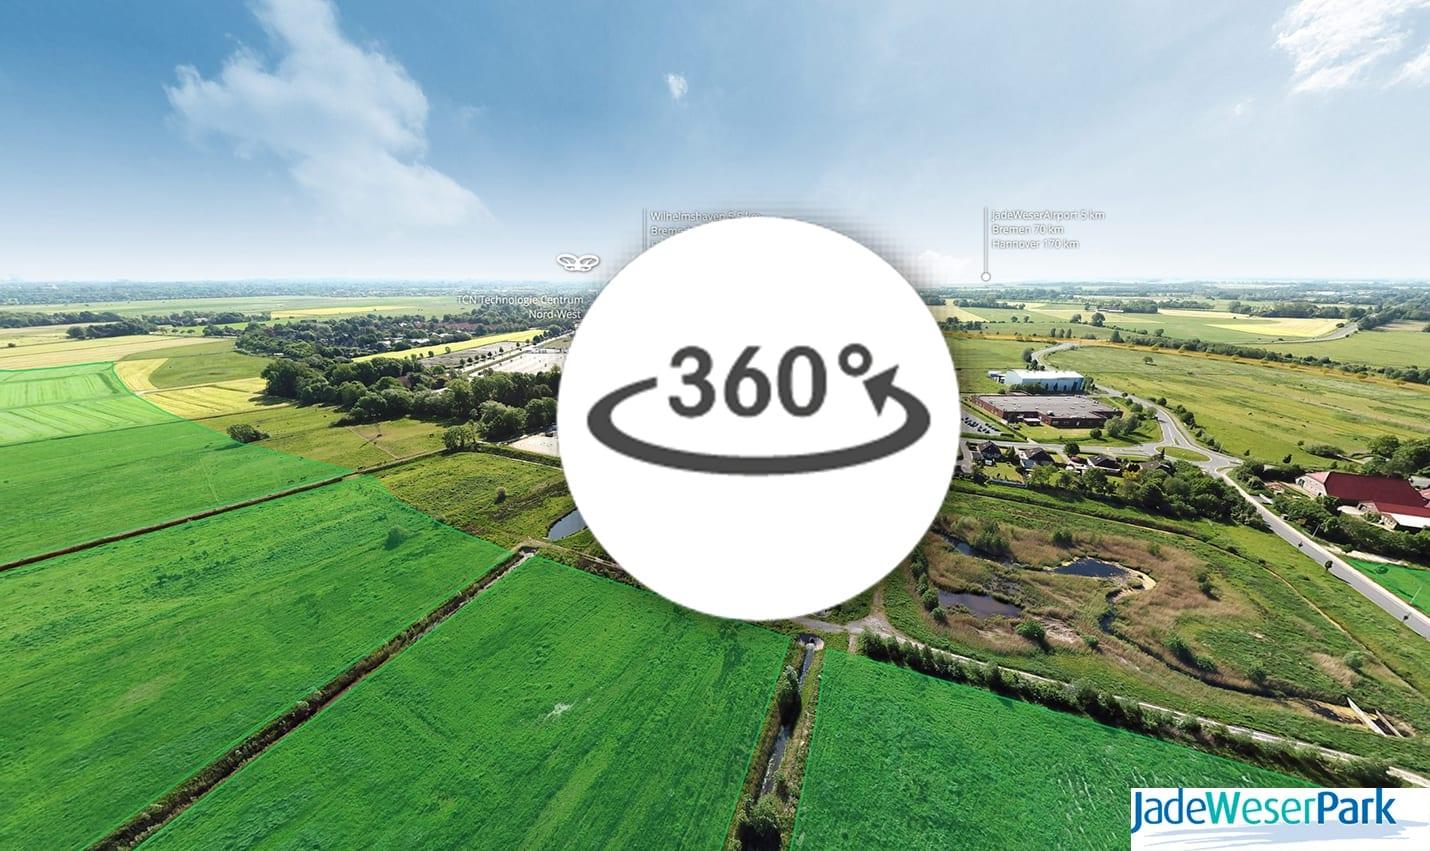 Virtuelle Tour Jade-Weser Park 360 Werbeagentur